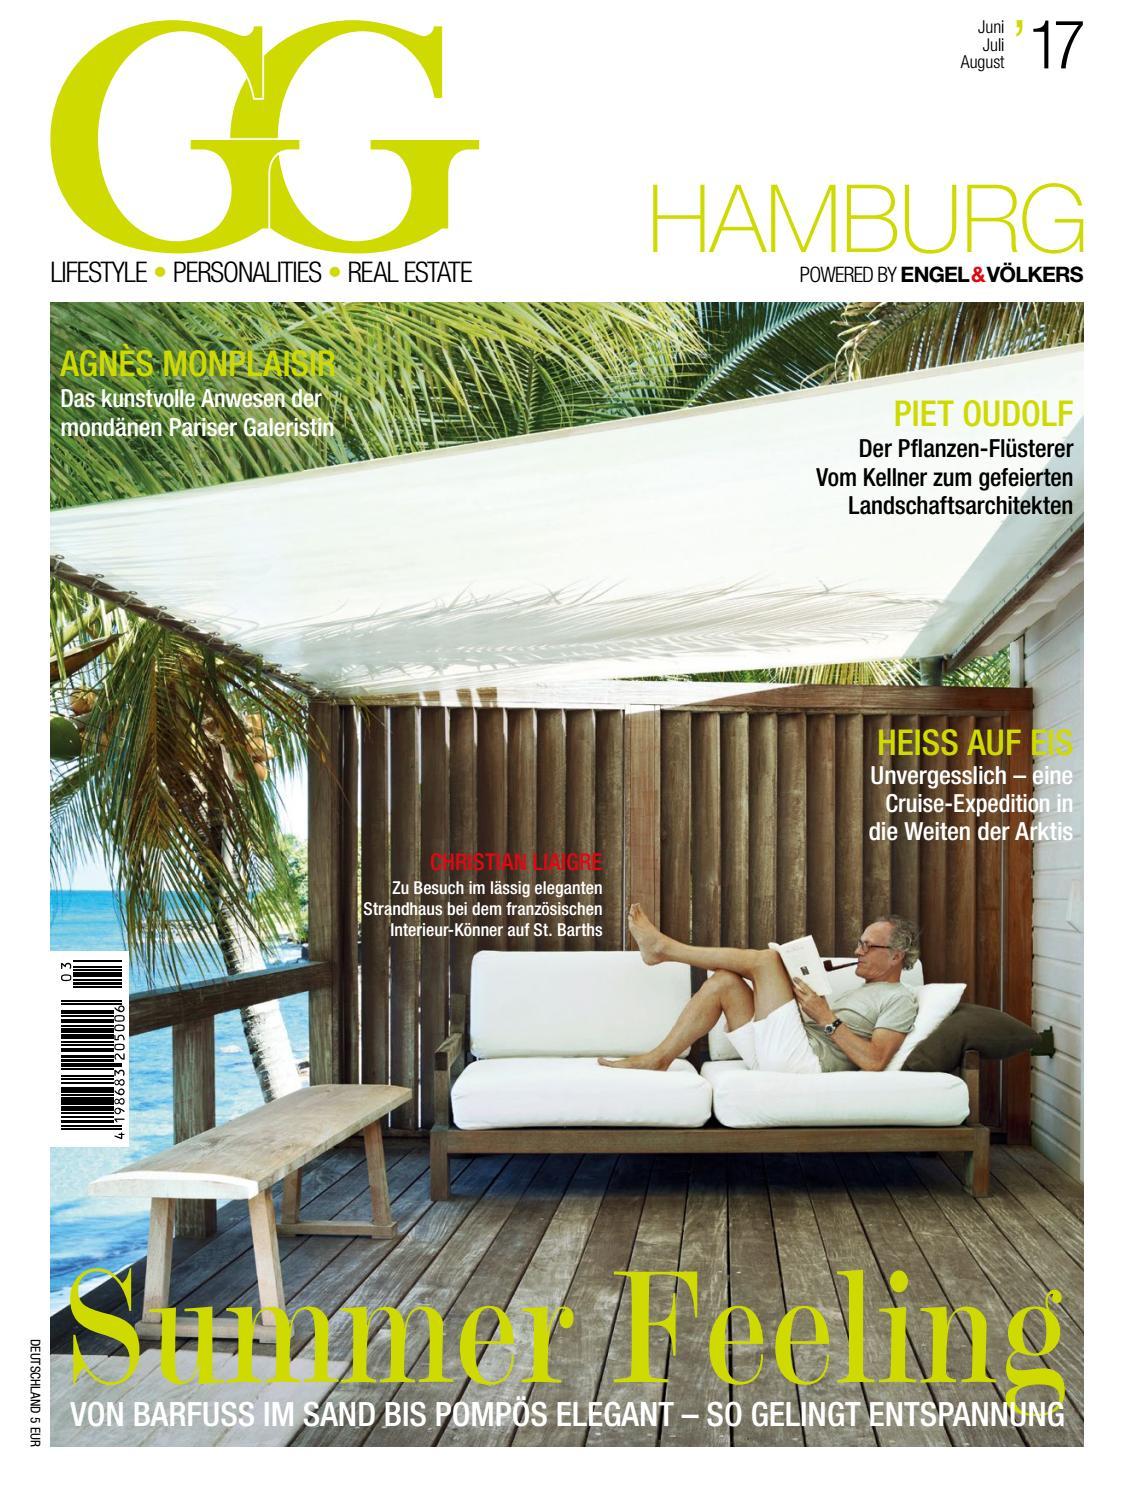 GG Magazine 03/17 Hamburg by GG-Magazine - issuu